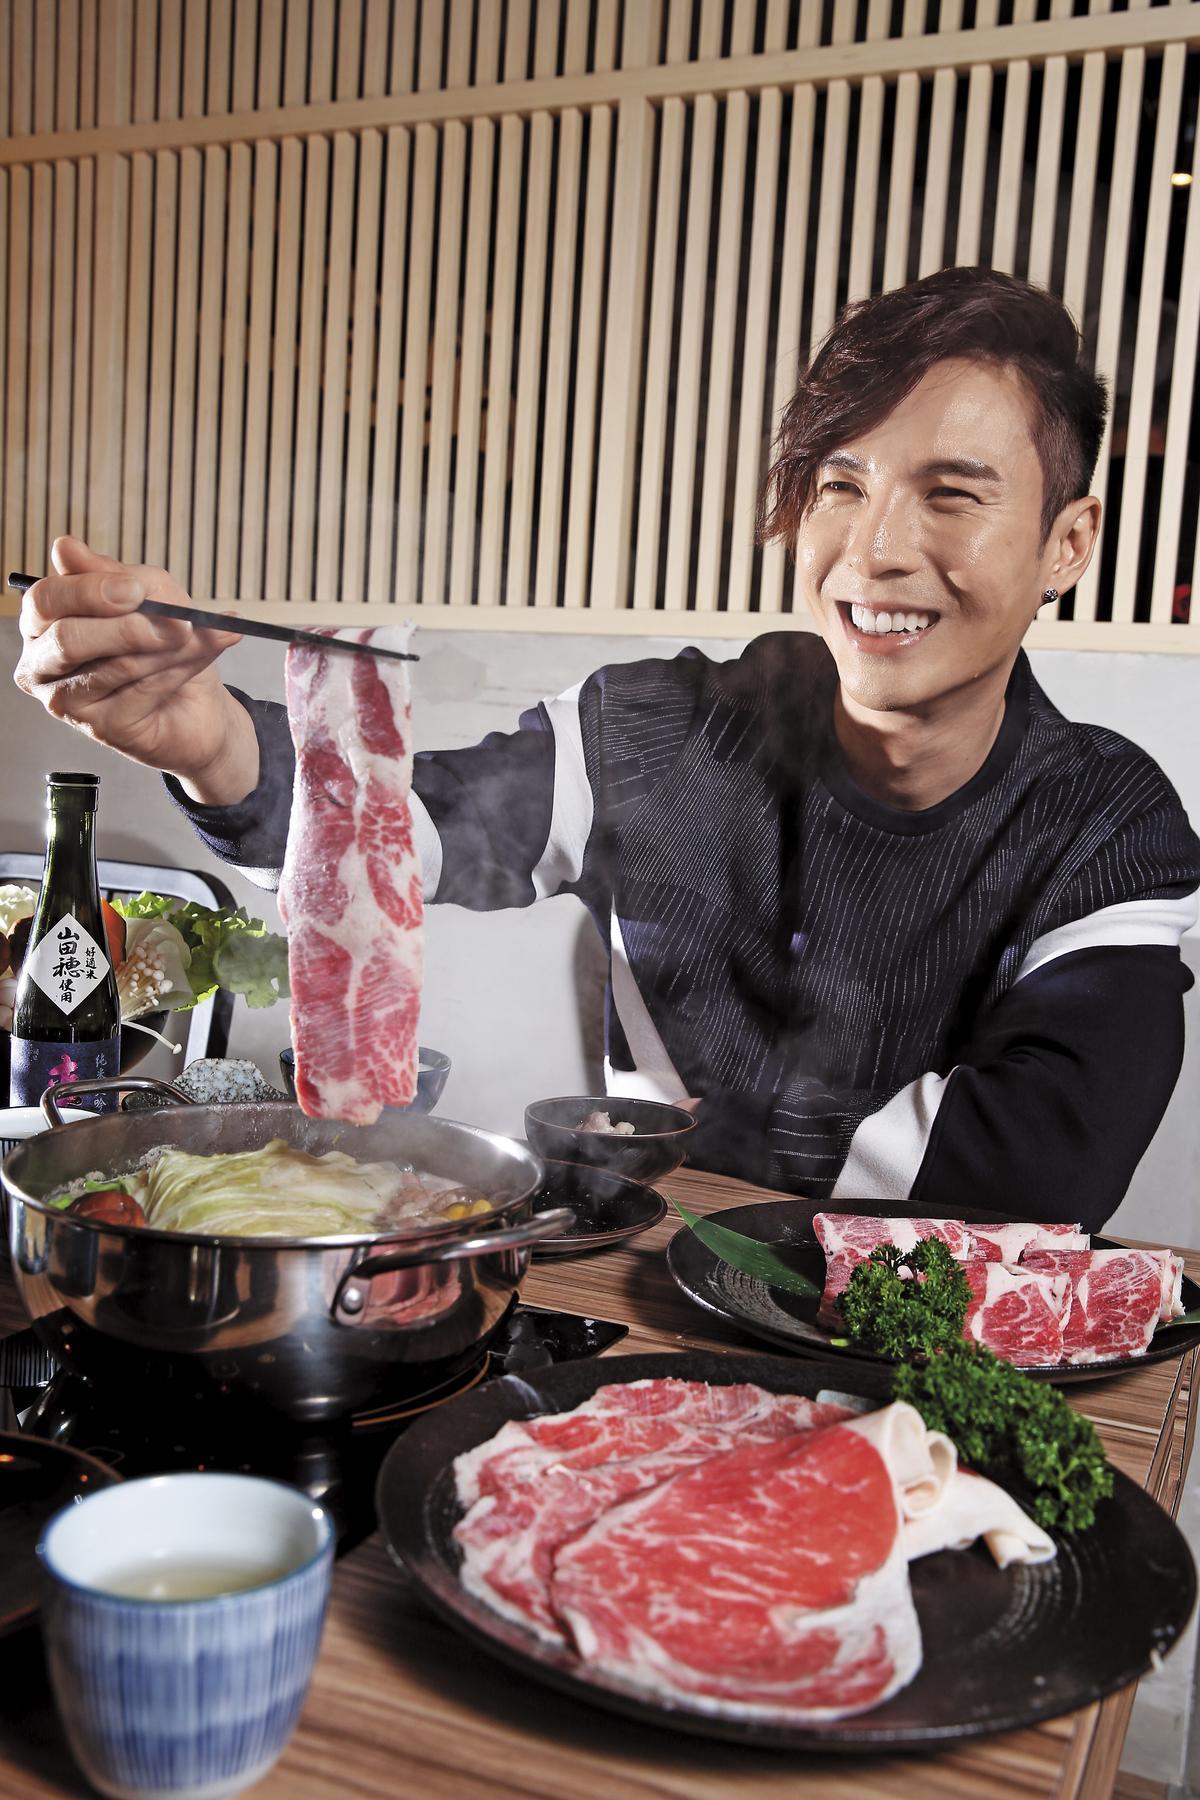 「三道一鍋」是陳勢安最近納入的愛店,他不喜歡一個人吃飯,會揪朋友共享,大口吃肉、大聲聊天是最佳選擇。